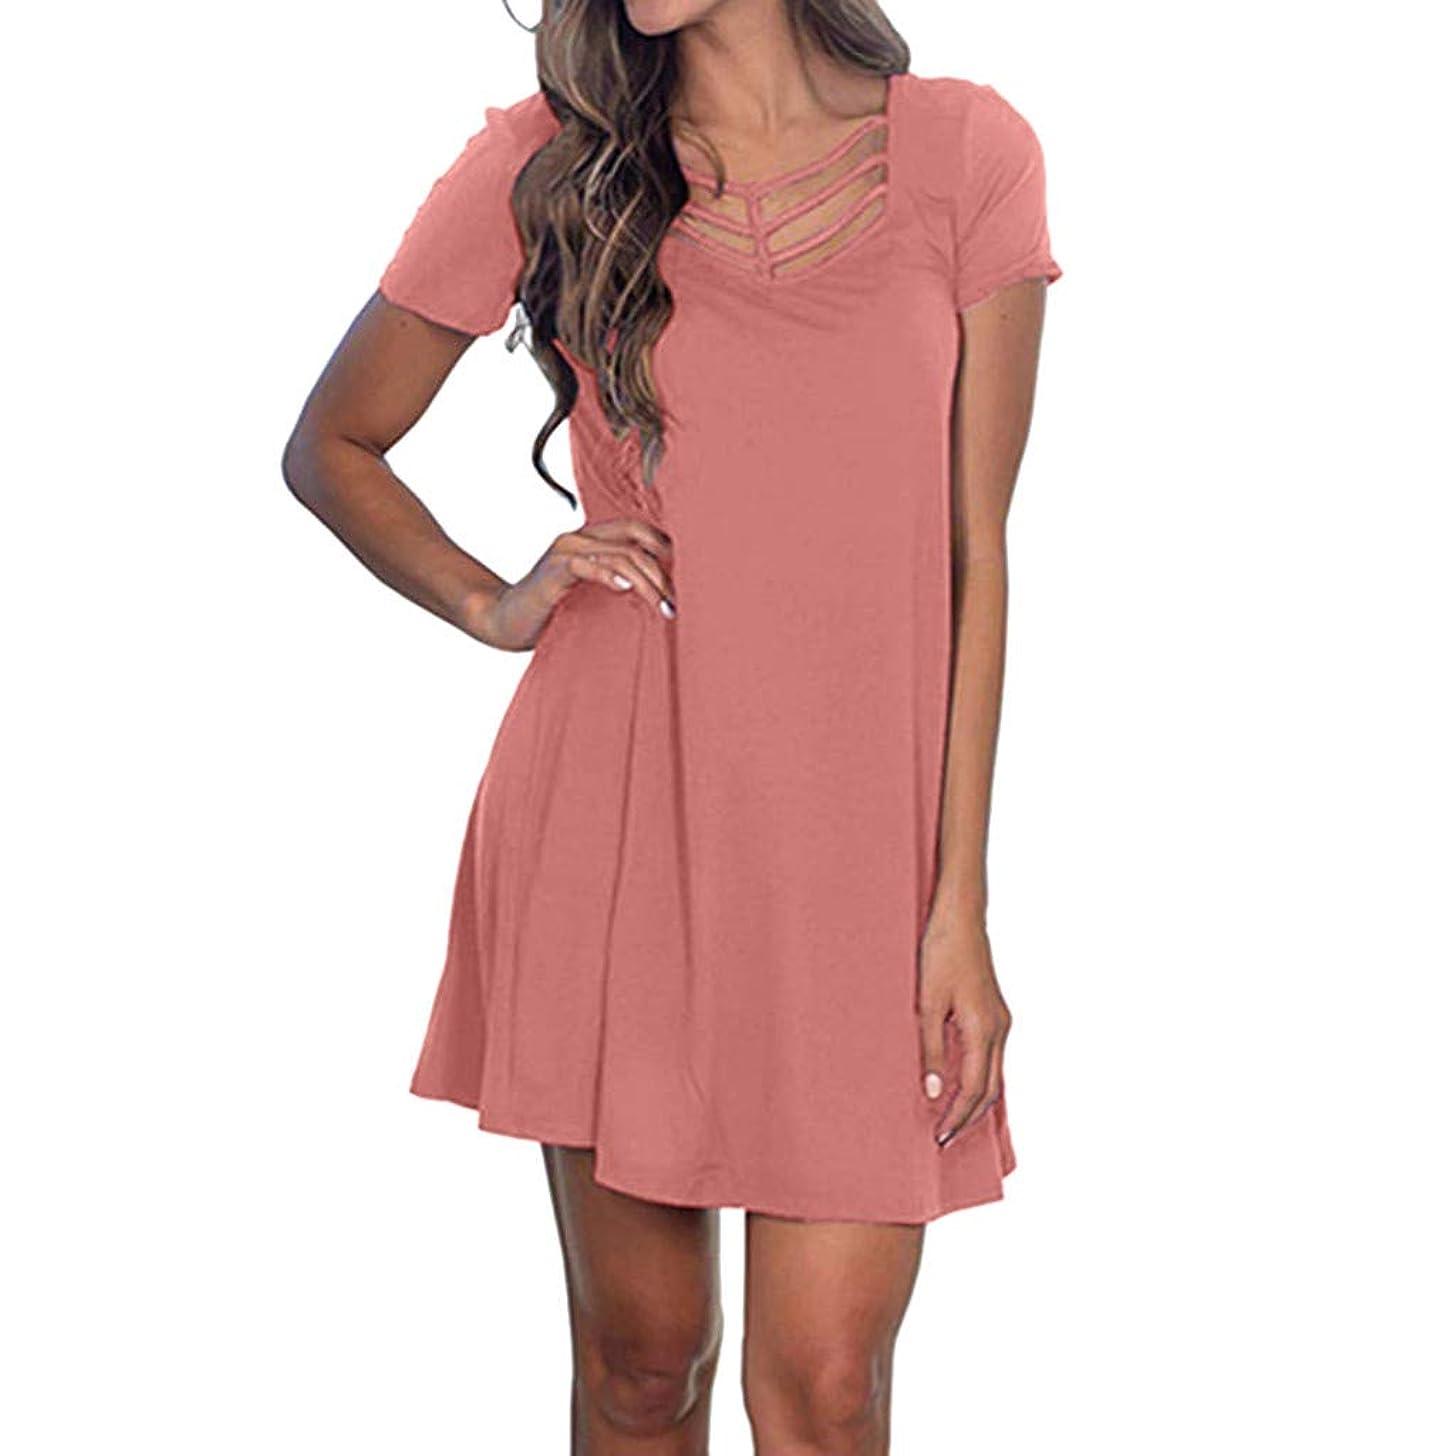 Sttech1 Women's Summer Short Sleeve T Shirt Dress Criss Cross Neckline Casual Loose Tunic Swing Dress